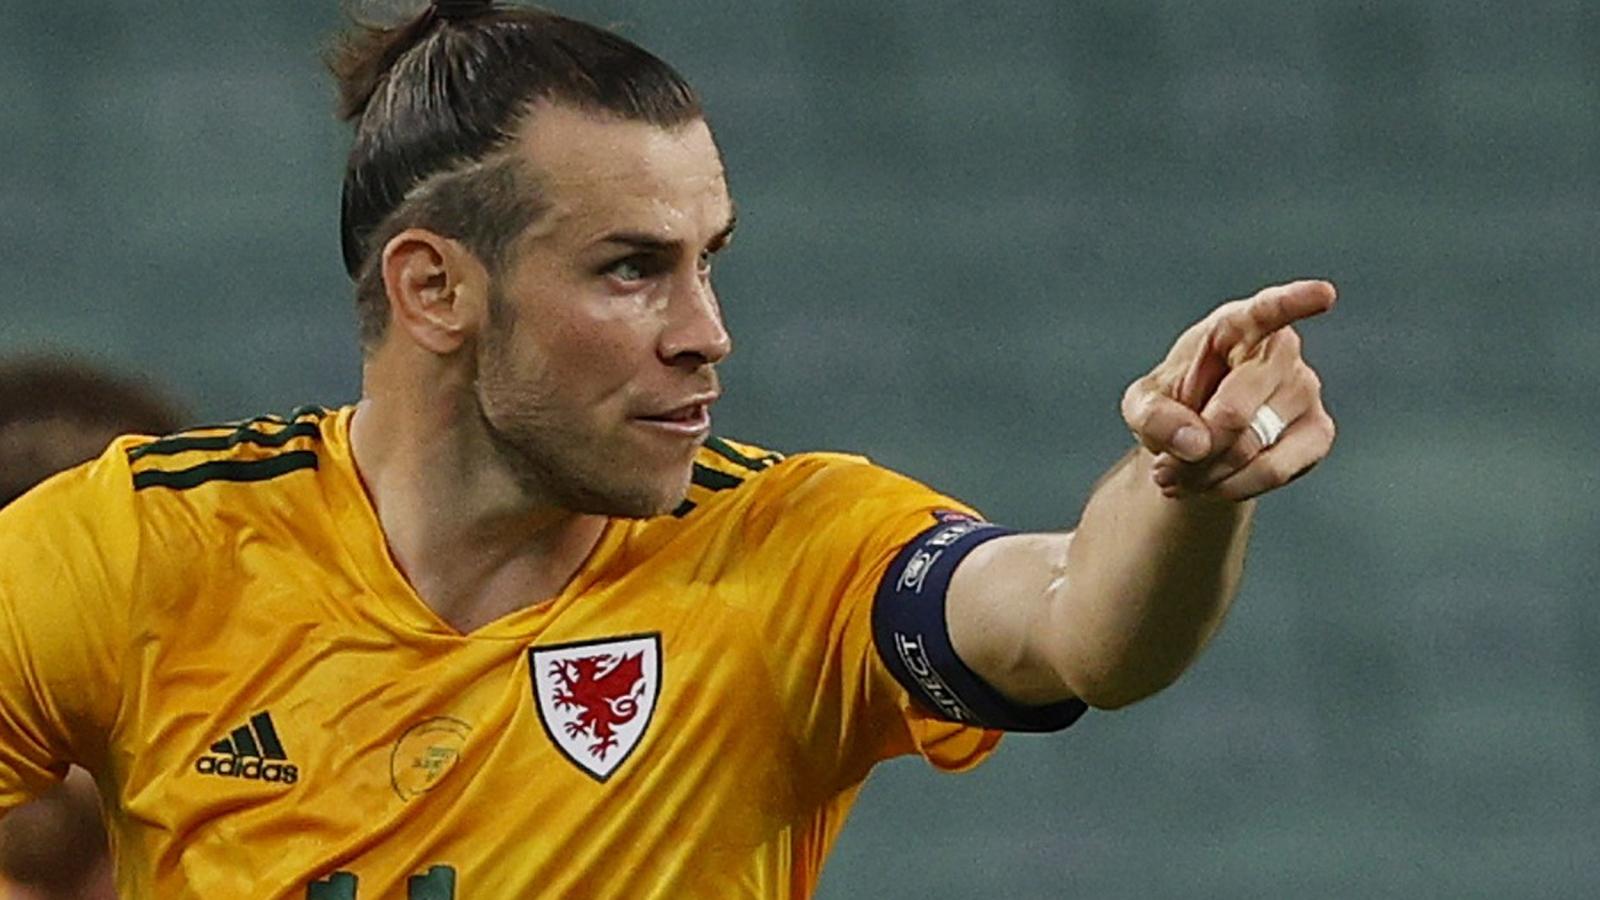 Trực tiếp Thổ Nhĩ Kỳ 0-1 Xứ Wales: Bale sút hỏng phạt đền